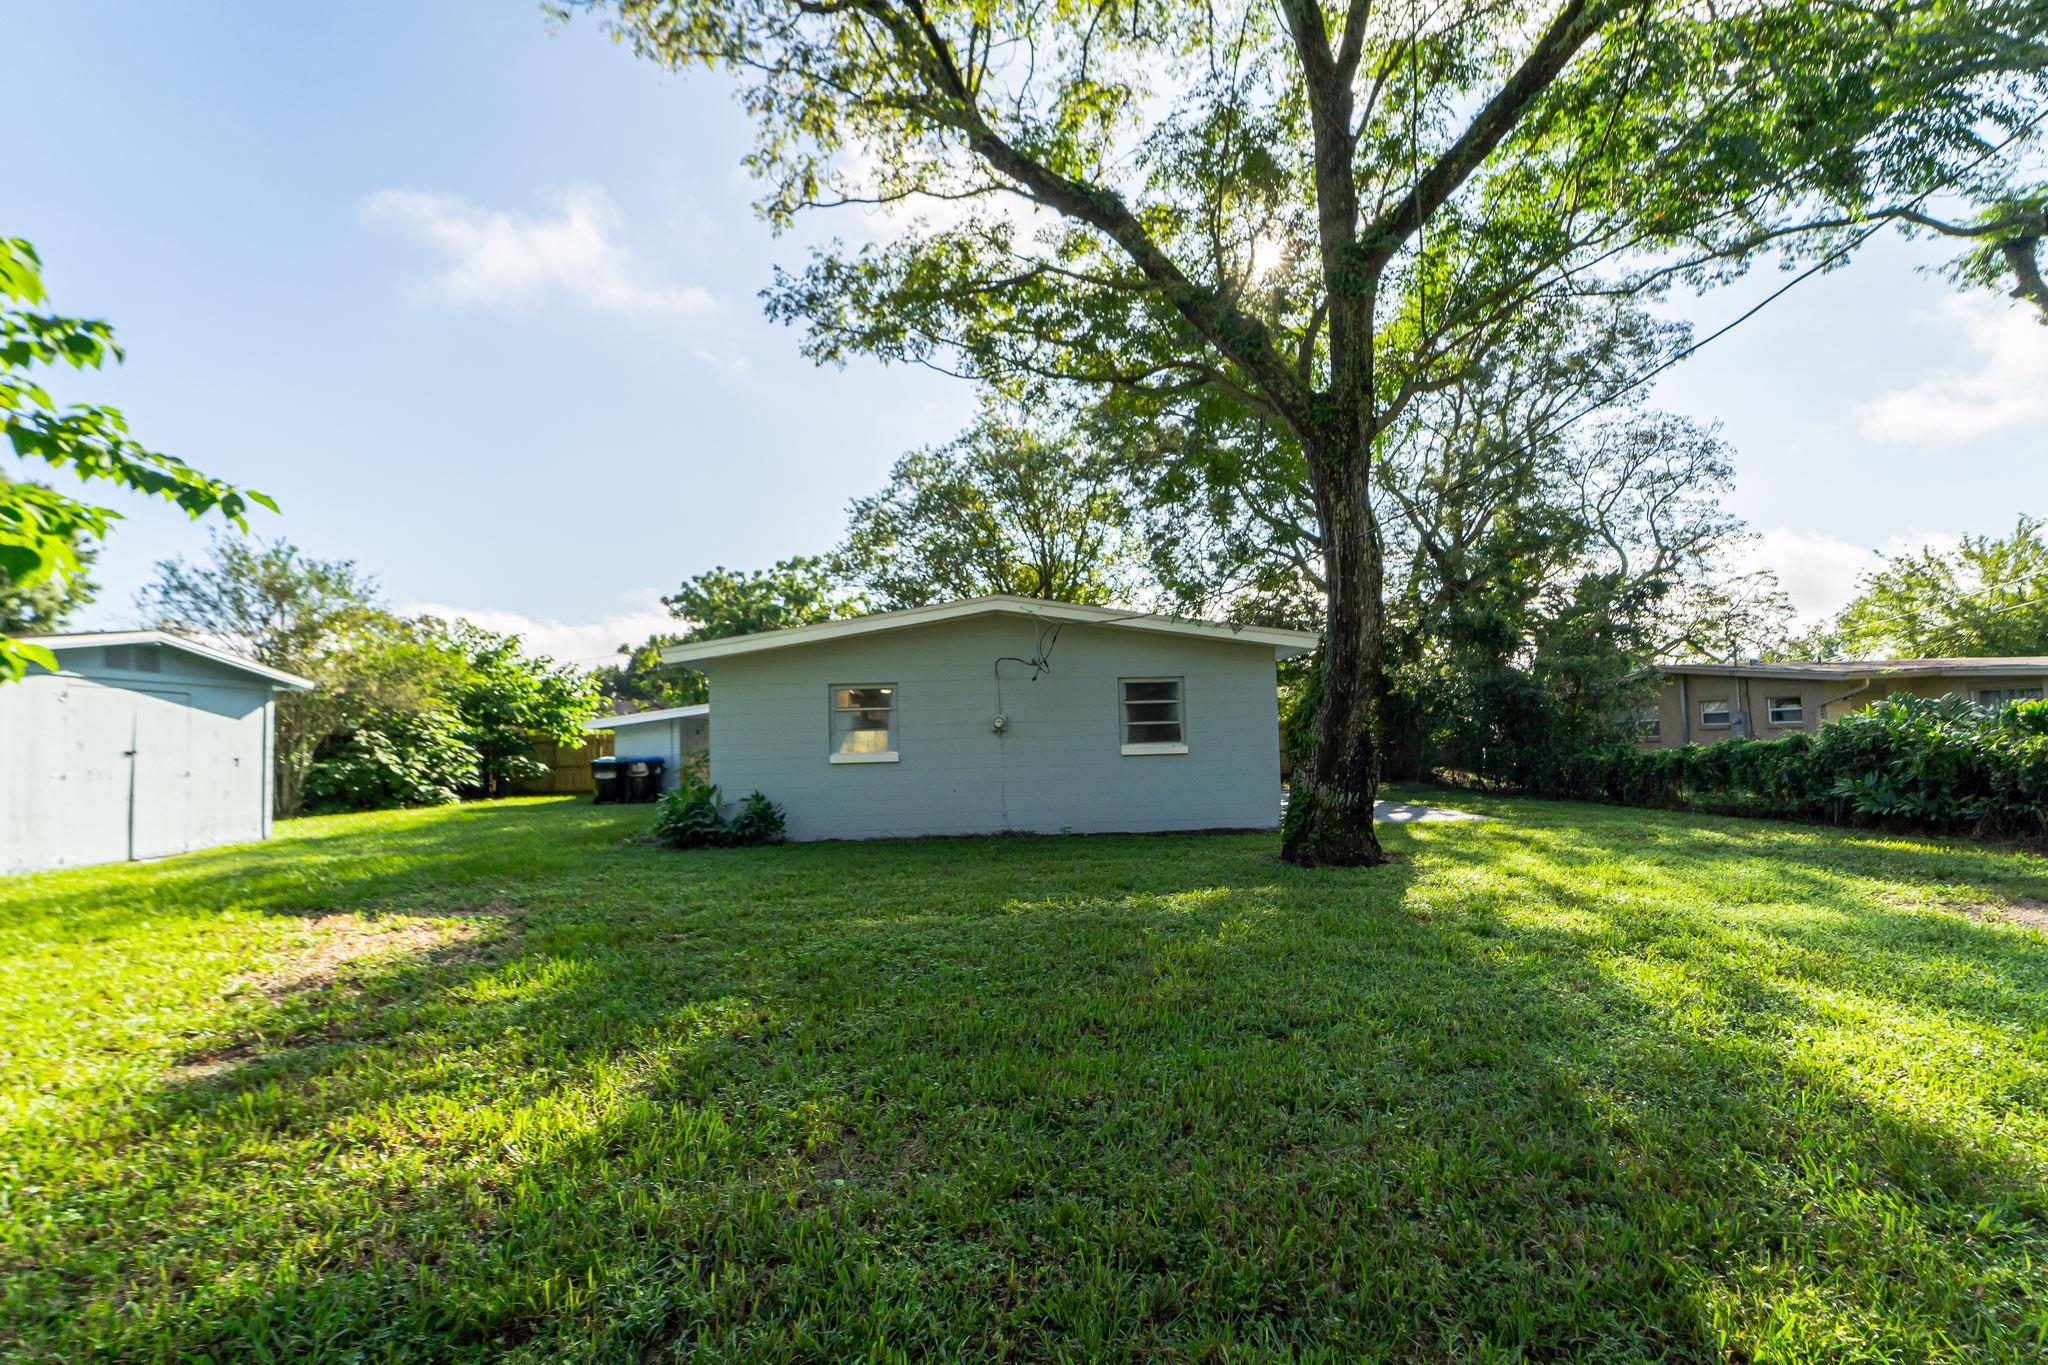 Lake Eve Dr. Orlando, FL 32810 After